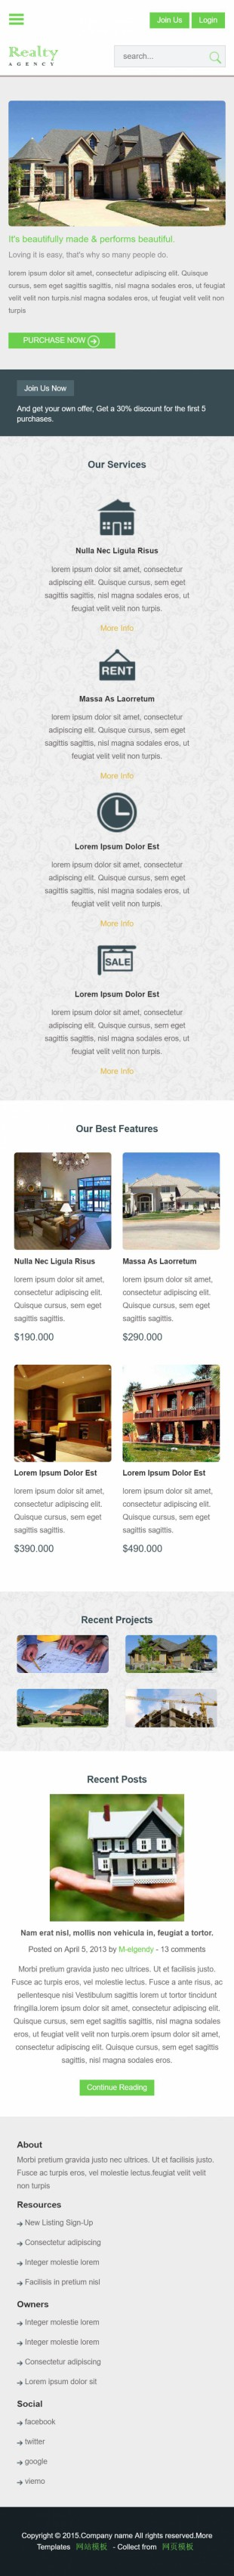 房屋别墅房地产建设设计公司英文网页模板手机图片